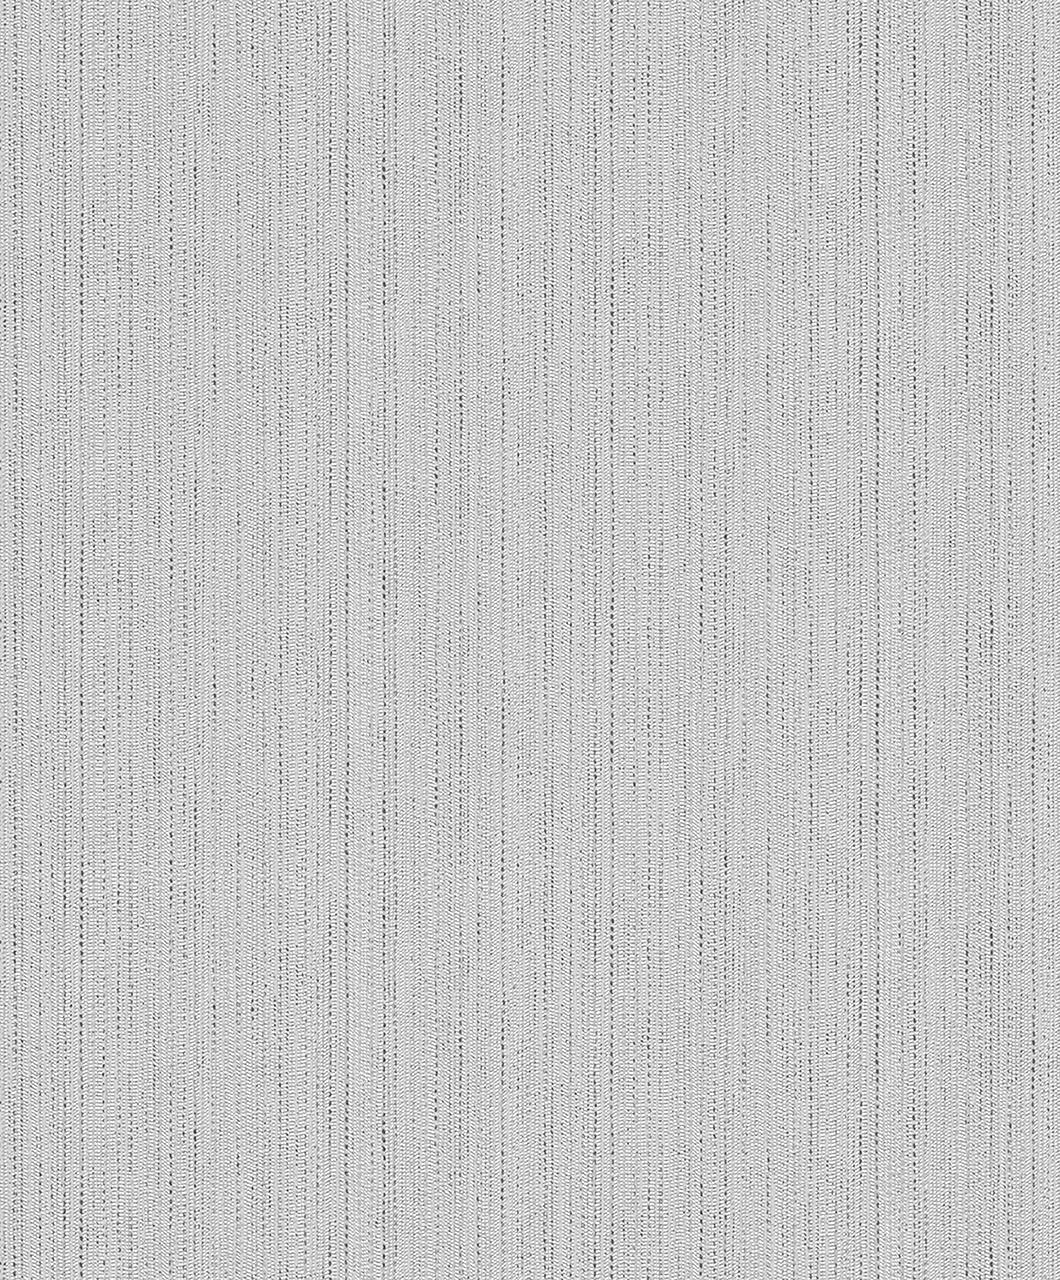 Wall textures iii 445626 wandbel ge tapeten von rasch for Tapeten von rasch